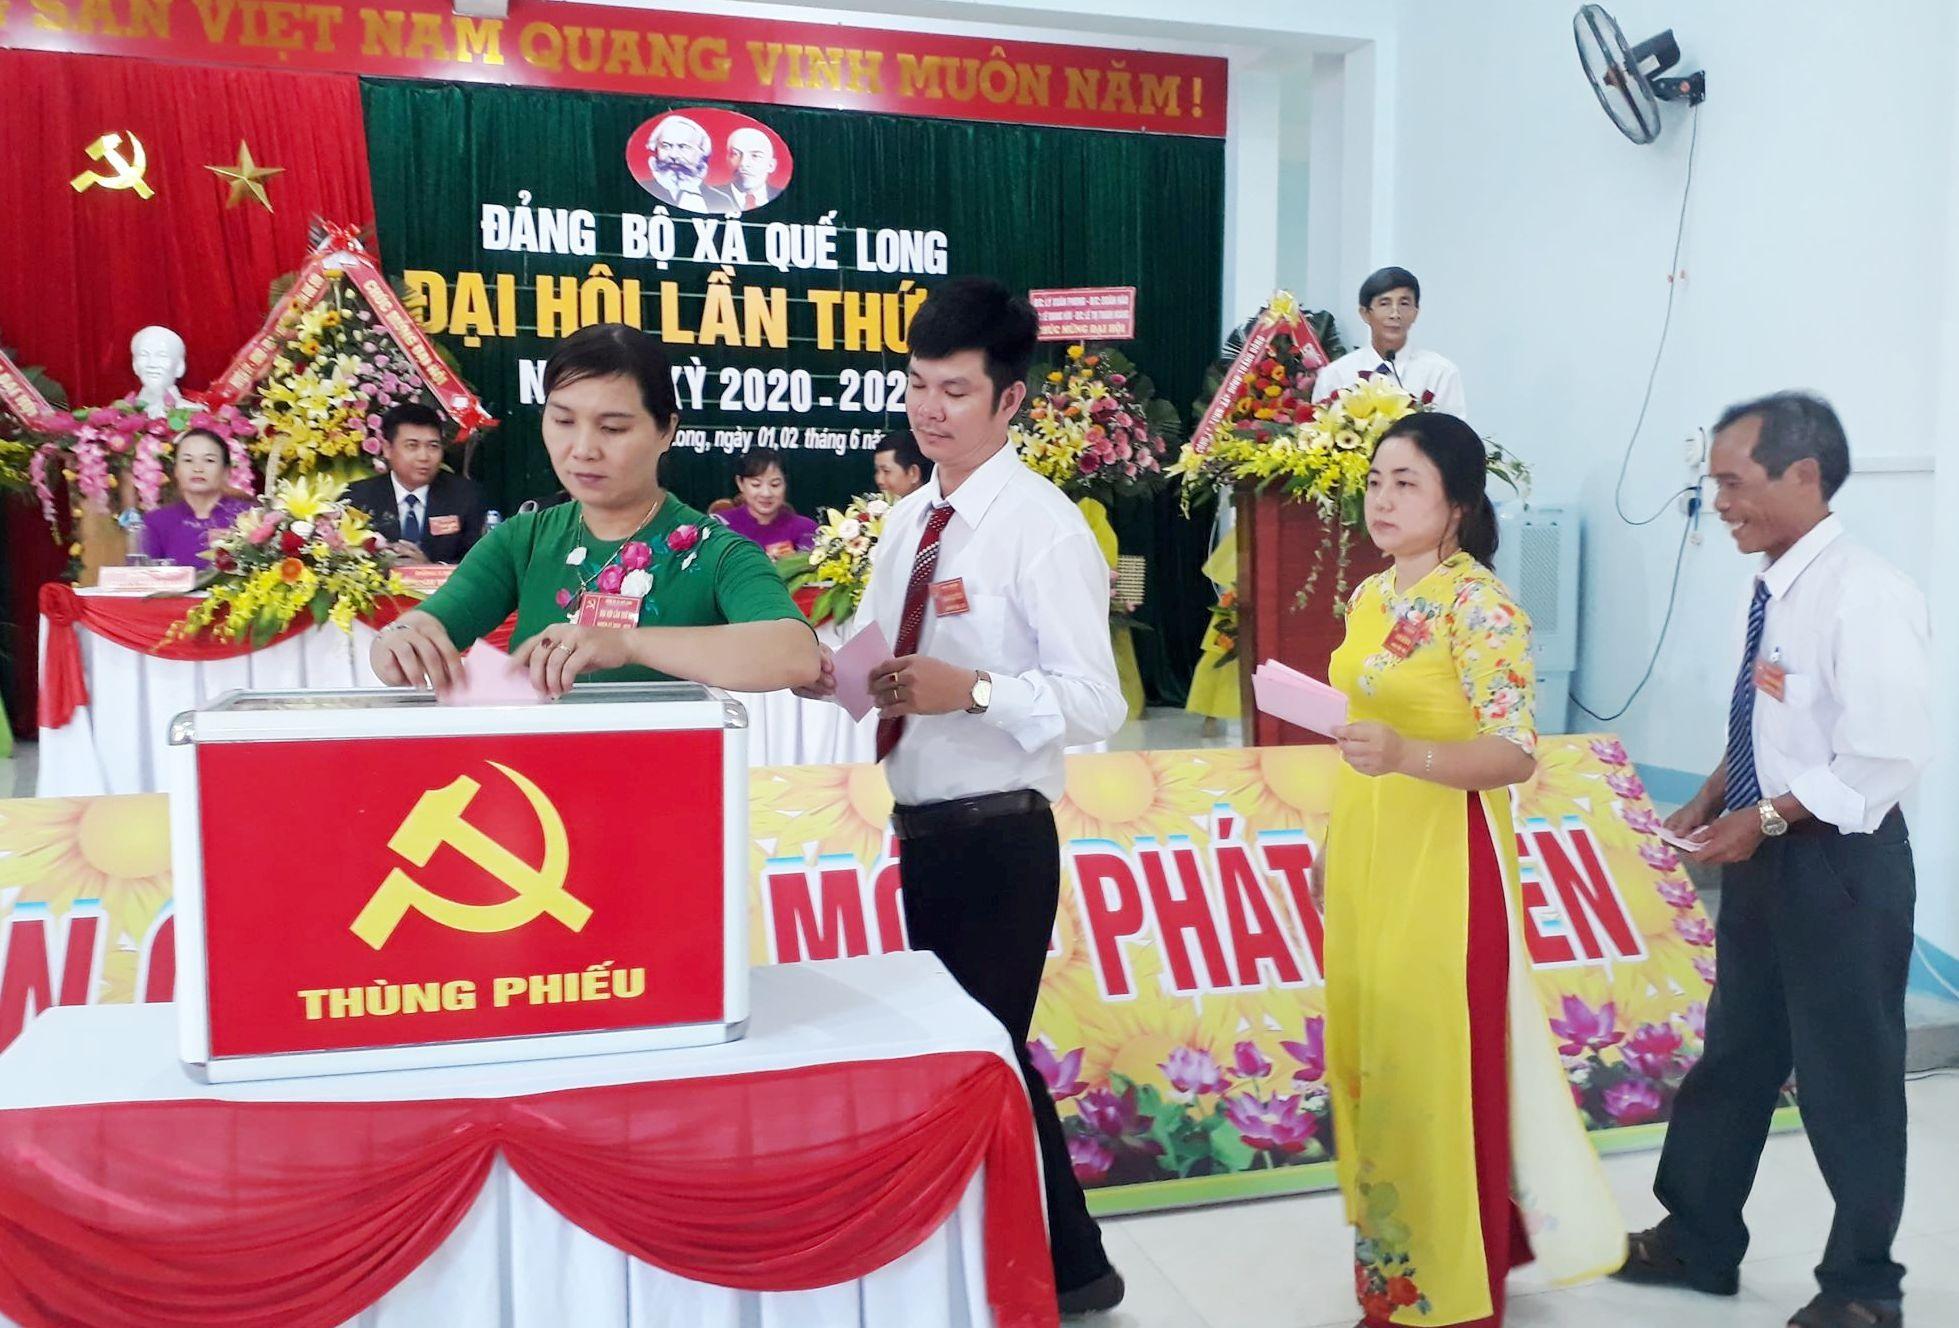 Đại hội Đảng bộ xã Quế Long nhiệm kỳ 2020-2025. ảnh DT